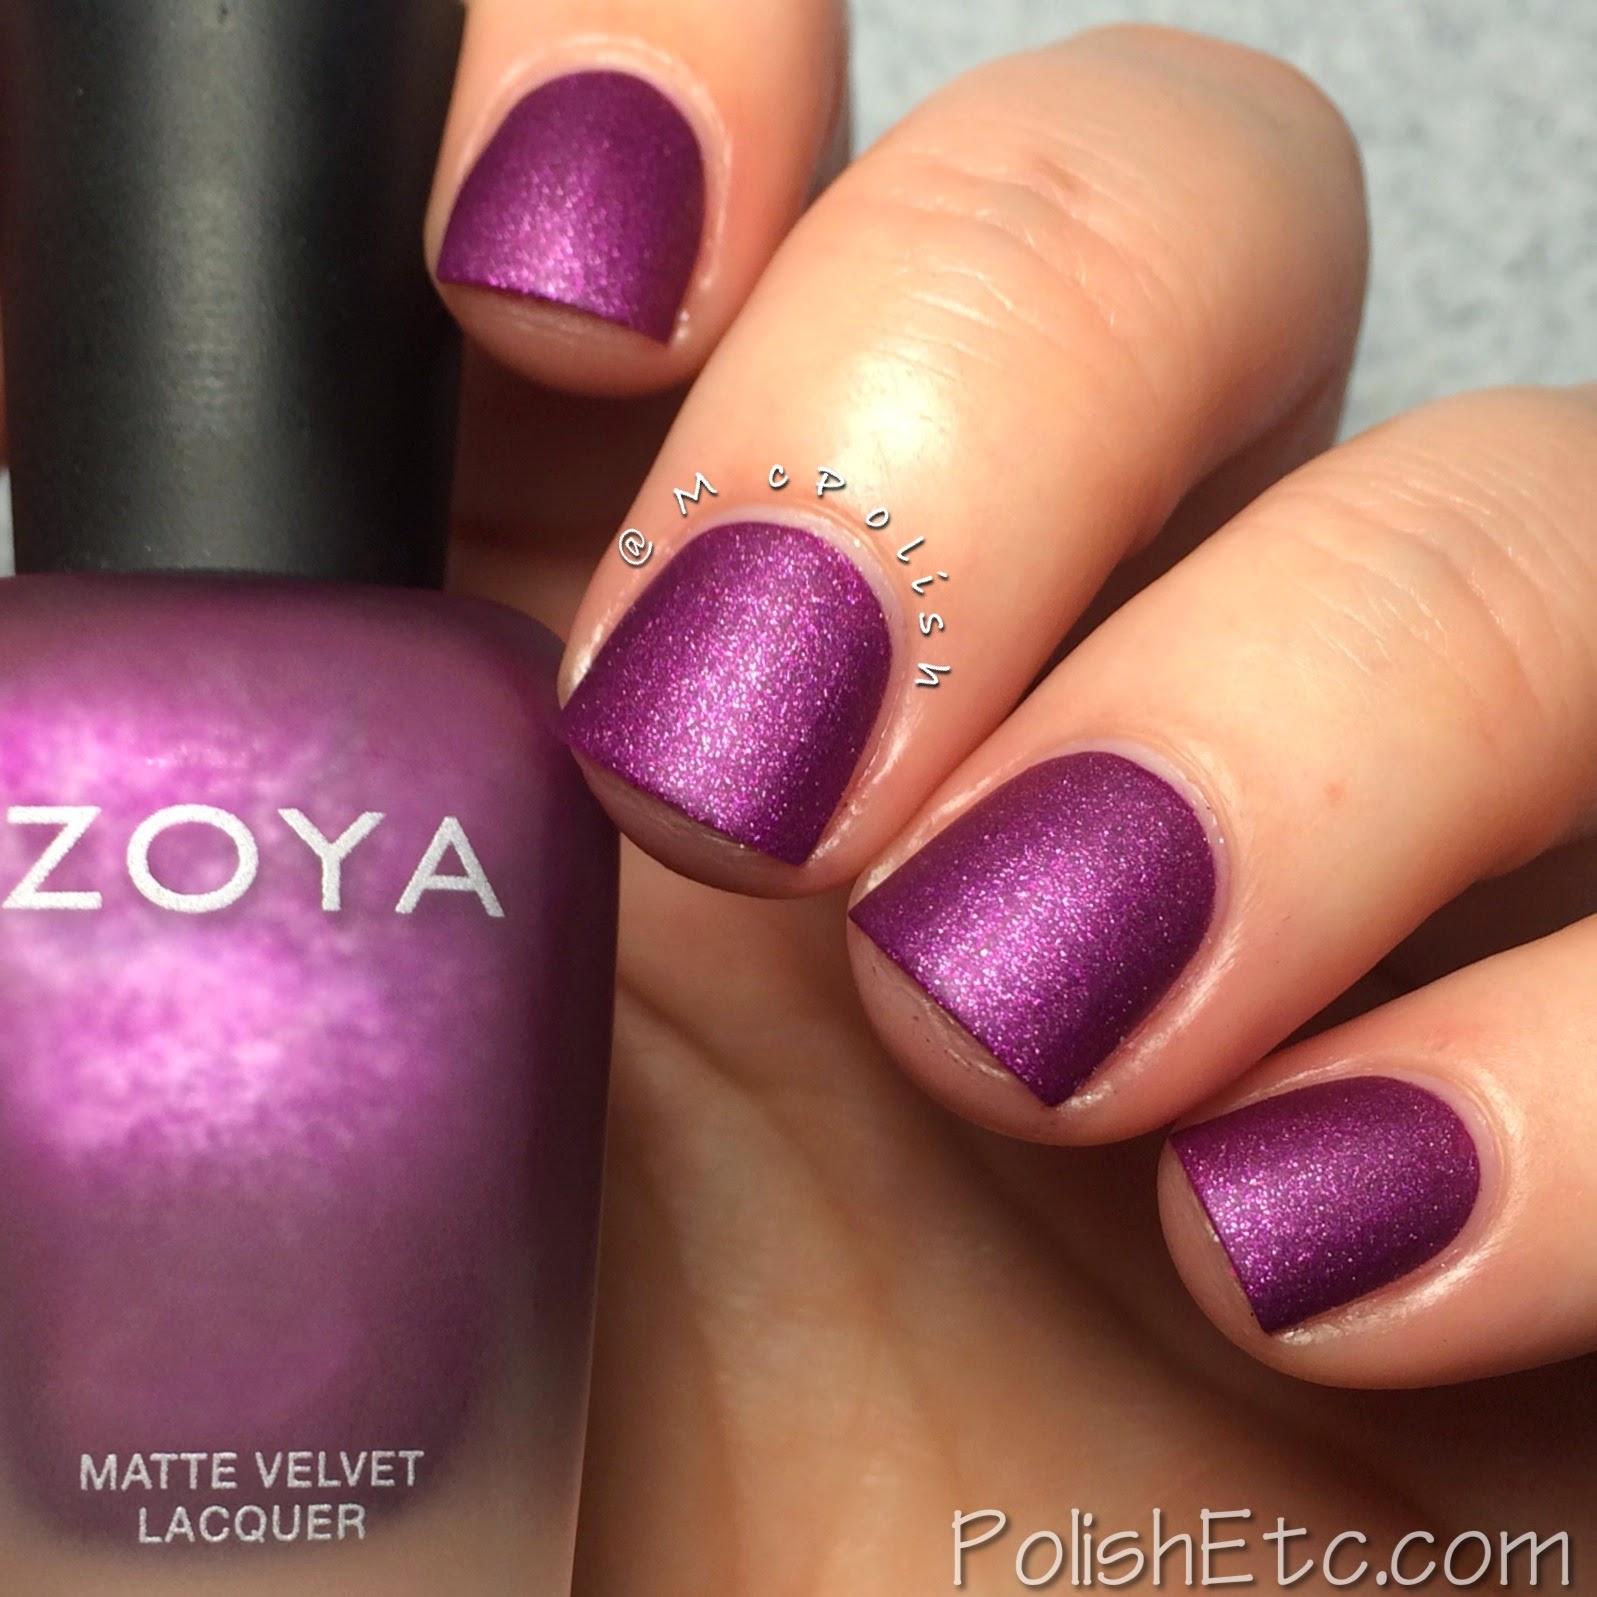 Zoya Harlow - Matte Velvet - McPolish